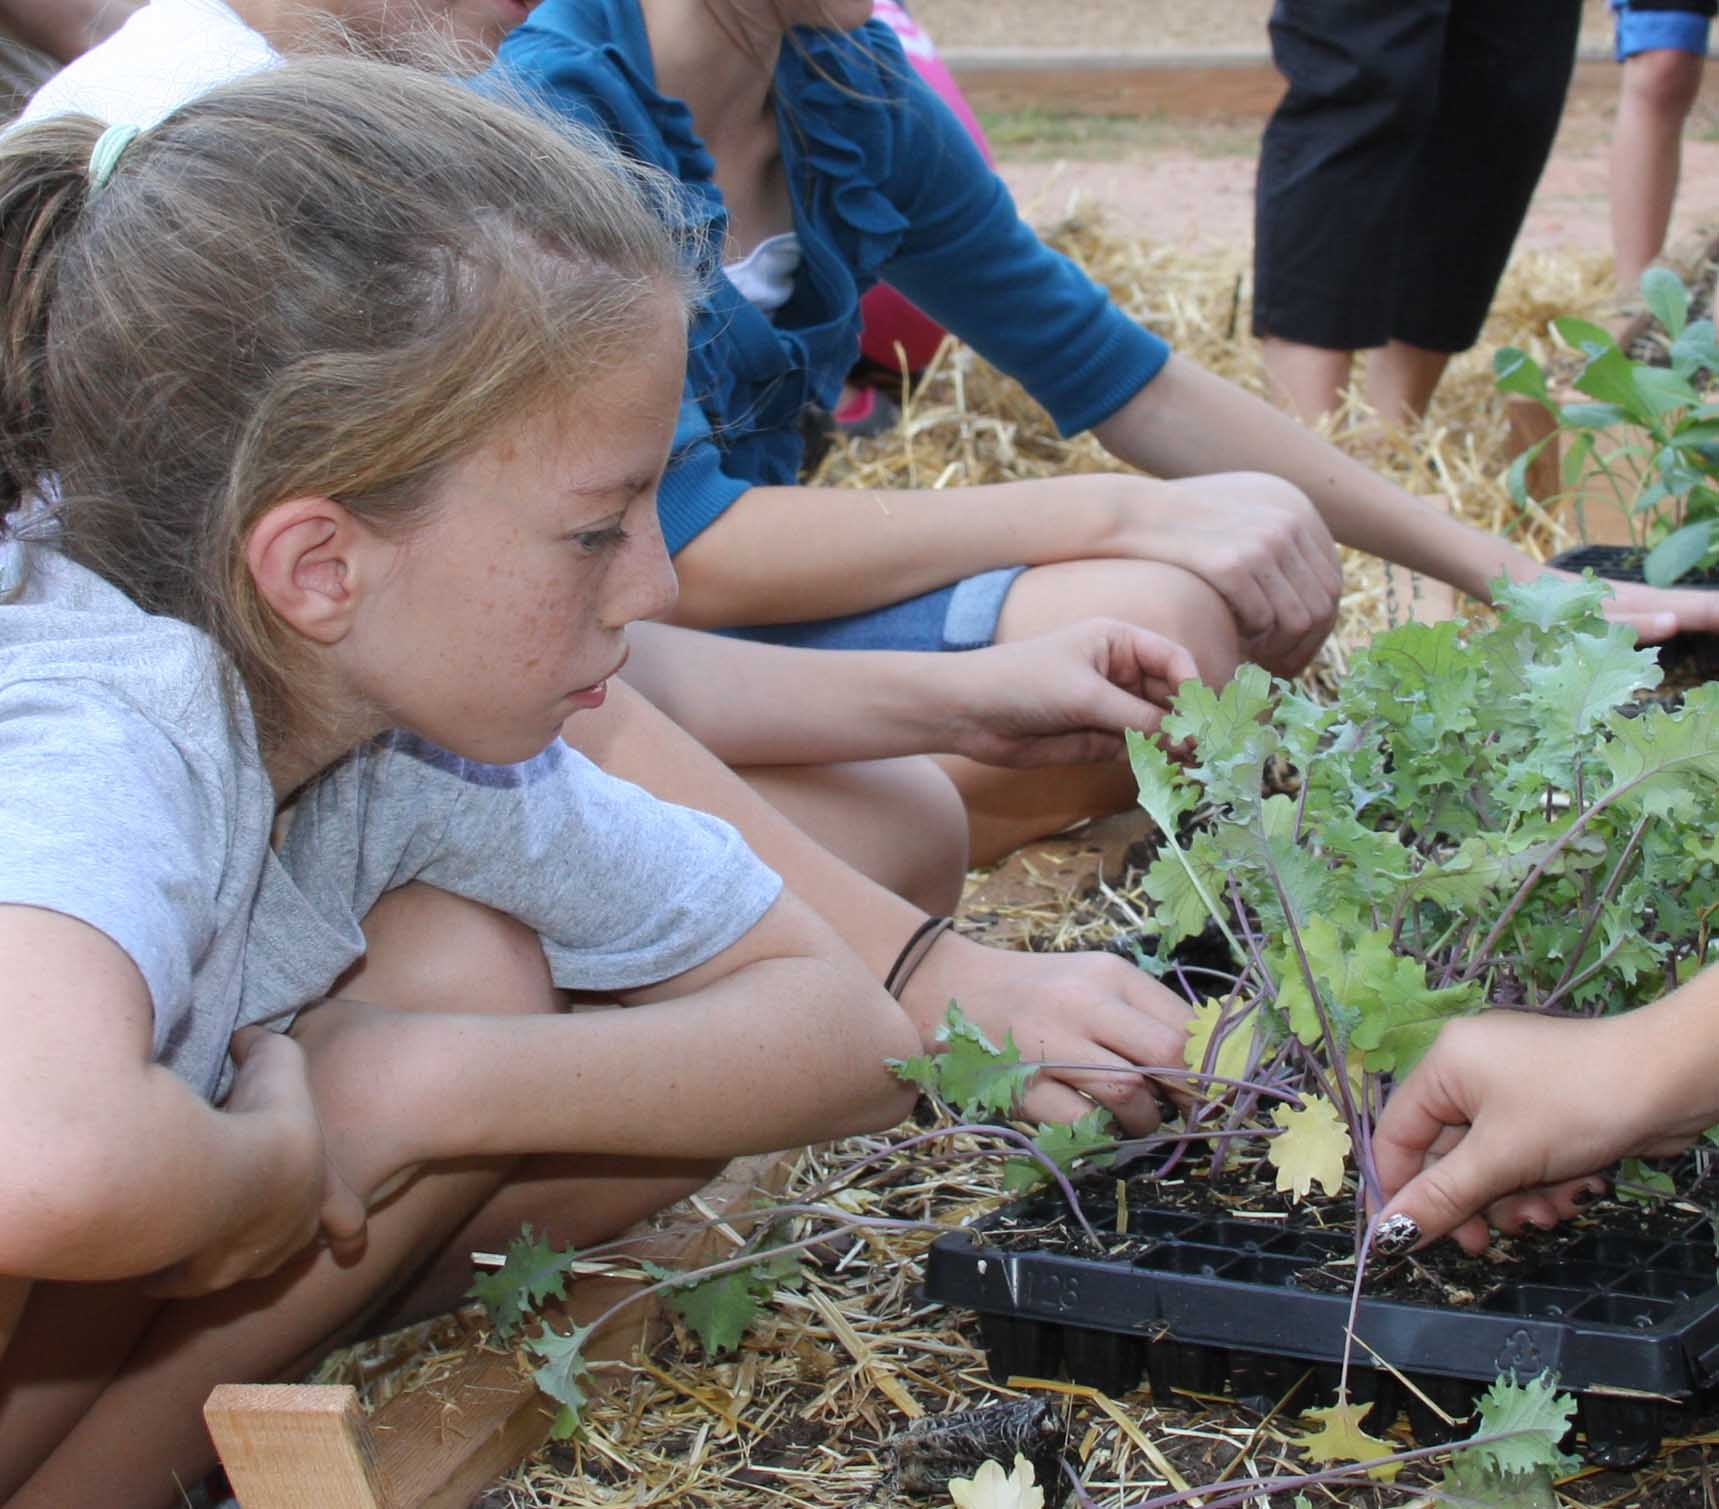 Students at High Shoals Elementary School in Oconee County work in their school garden.